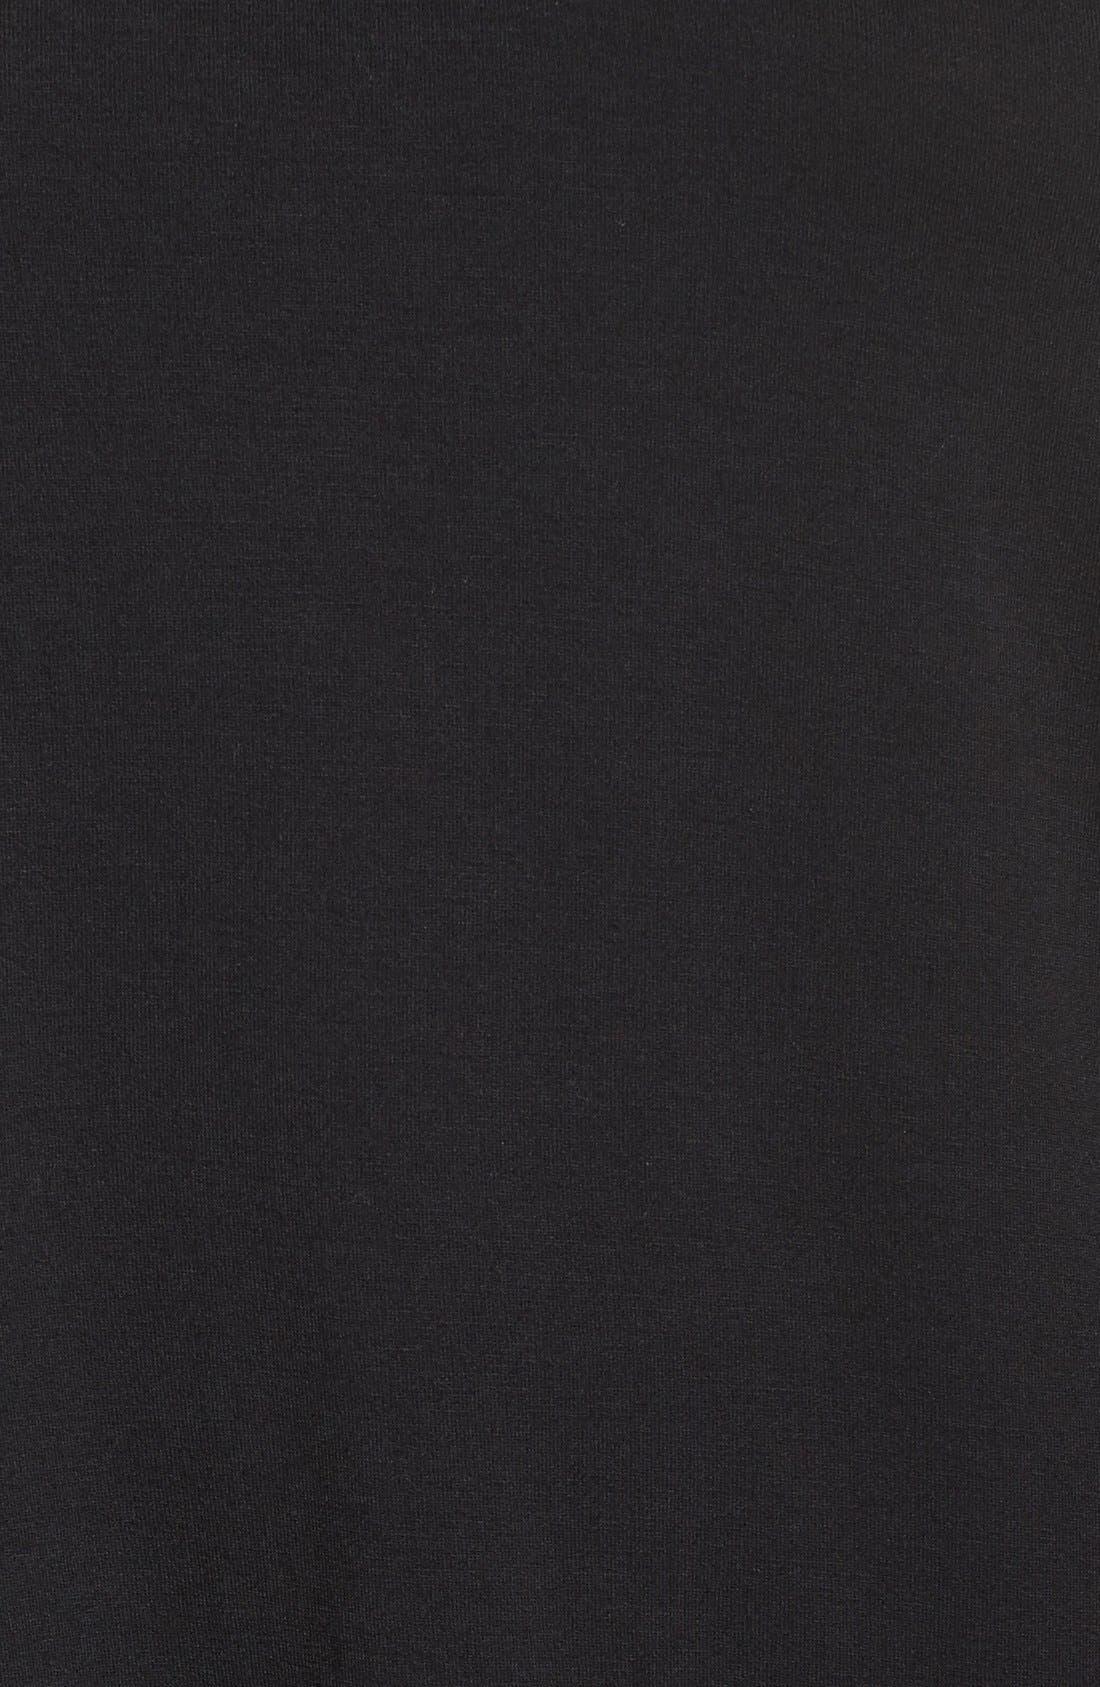 Sweetheart Neck Long Sleeve Tee,                             Alternate thumbnail 2, color,                             001